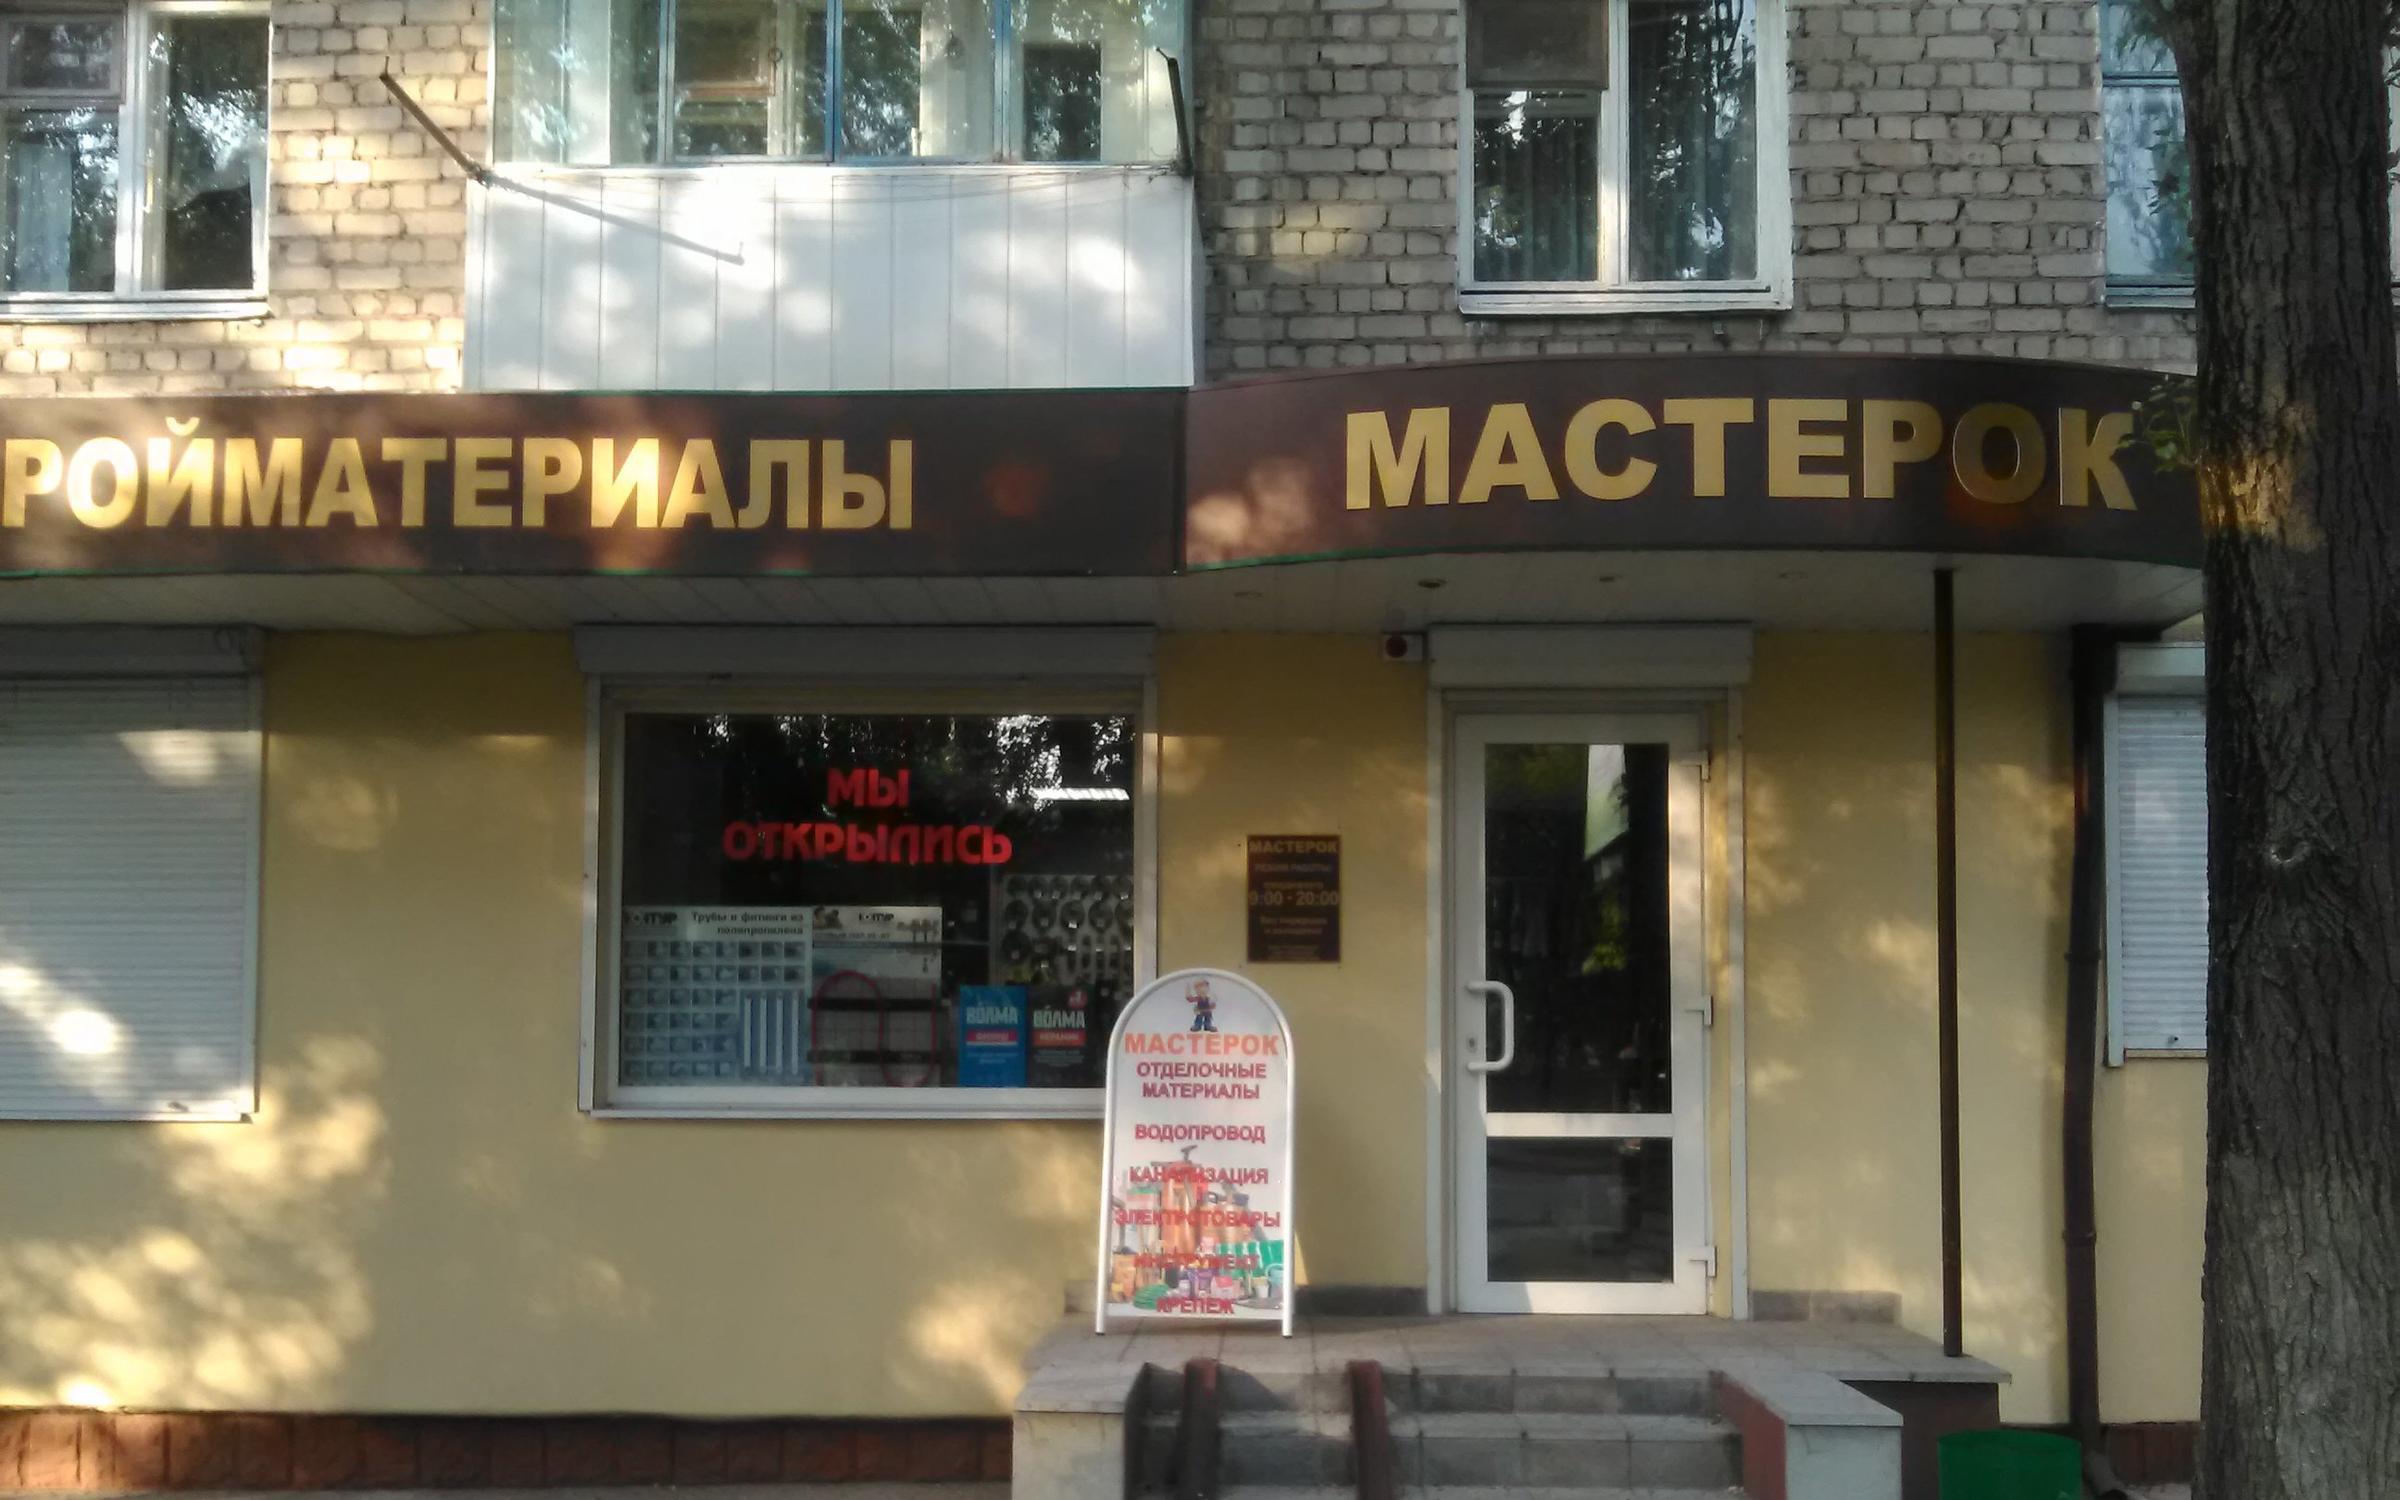 фотография Магазина Мастерок на улице Домостроителей, 31